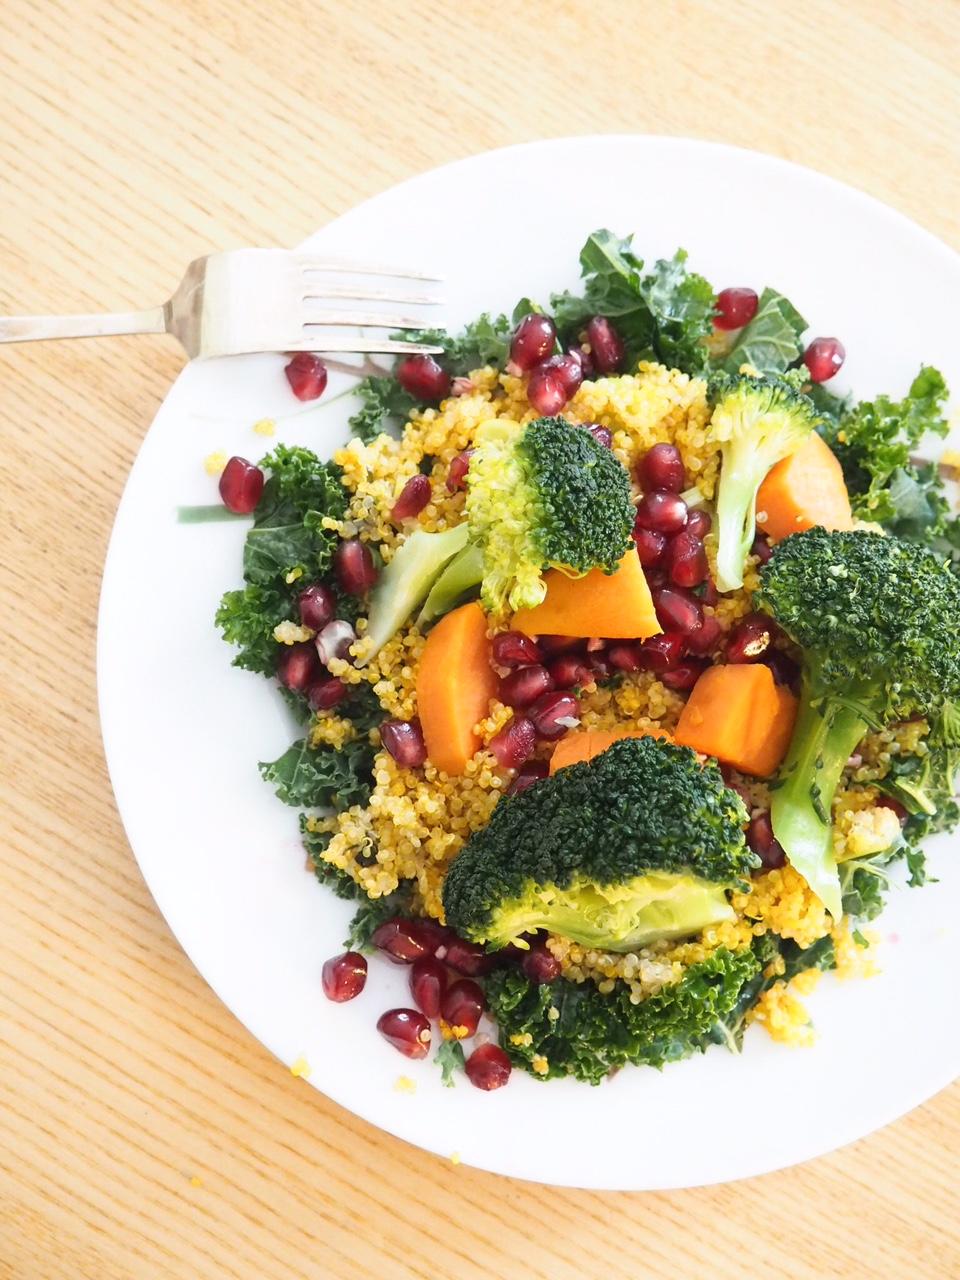 Ruokaisa kvinoa-lehtikaali-granaattiomenasalaatti